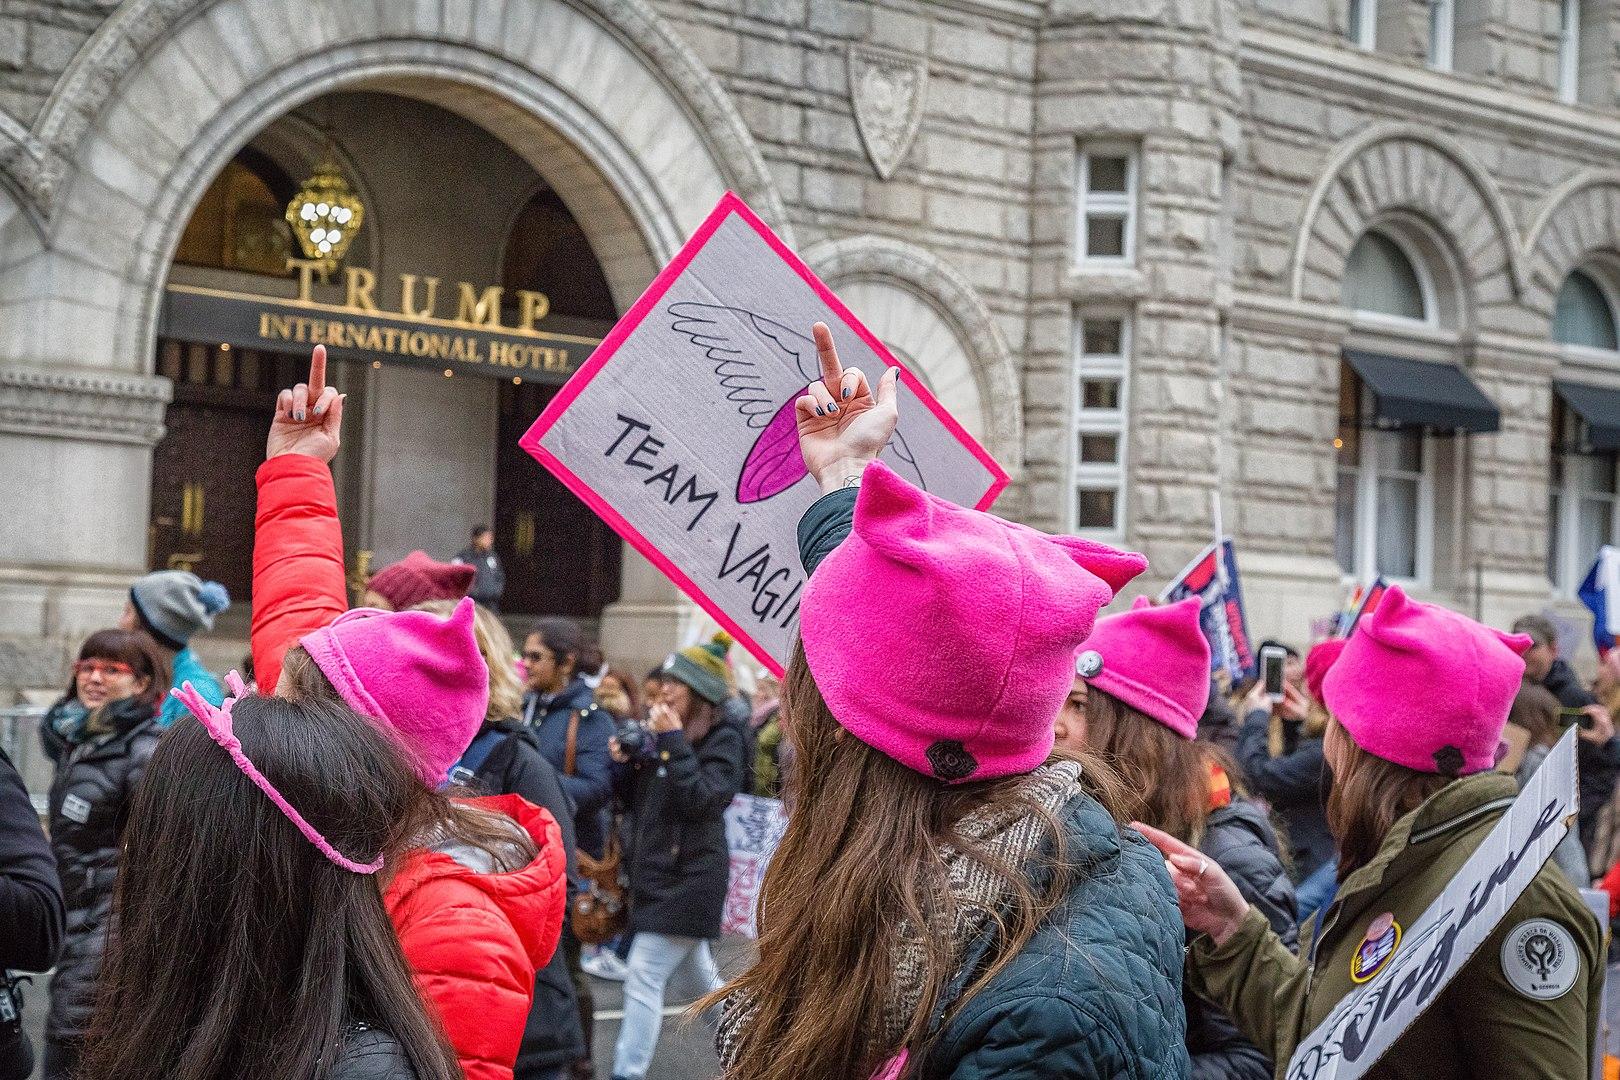 Während iranische Feministinnen, die sich weigern, den Hidschab zu tragen, tapfer sind, haben ihre westlichen Kolleginnen, die rosa Mützen tragen, sie elendig im Stich gelassen.  Foto By Mobilus In Mobili - Women's March on WDC, CC BY-SA 2.0, https://commons.wikimedia.org/w/index.php?curid=55796973